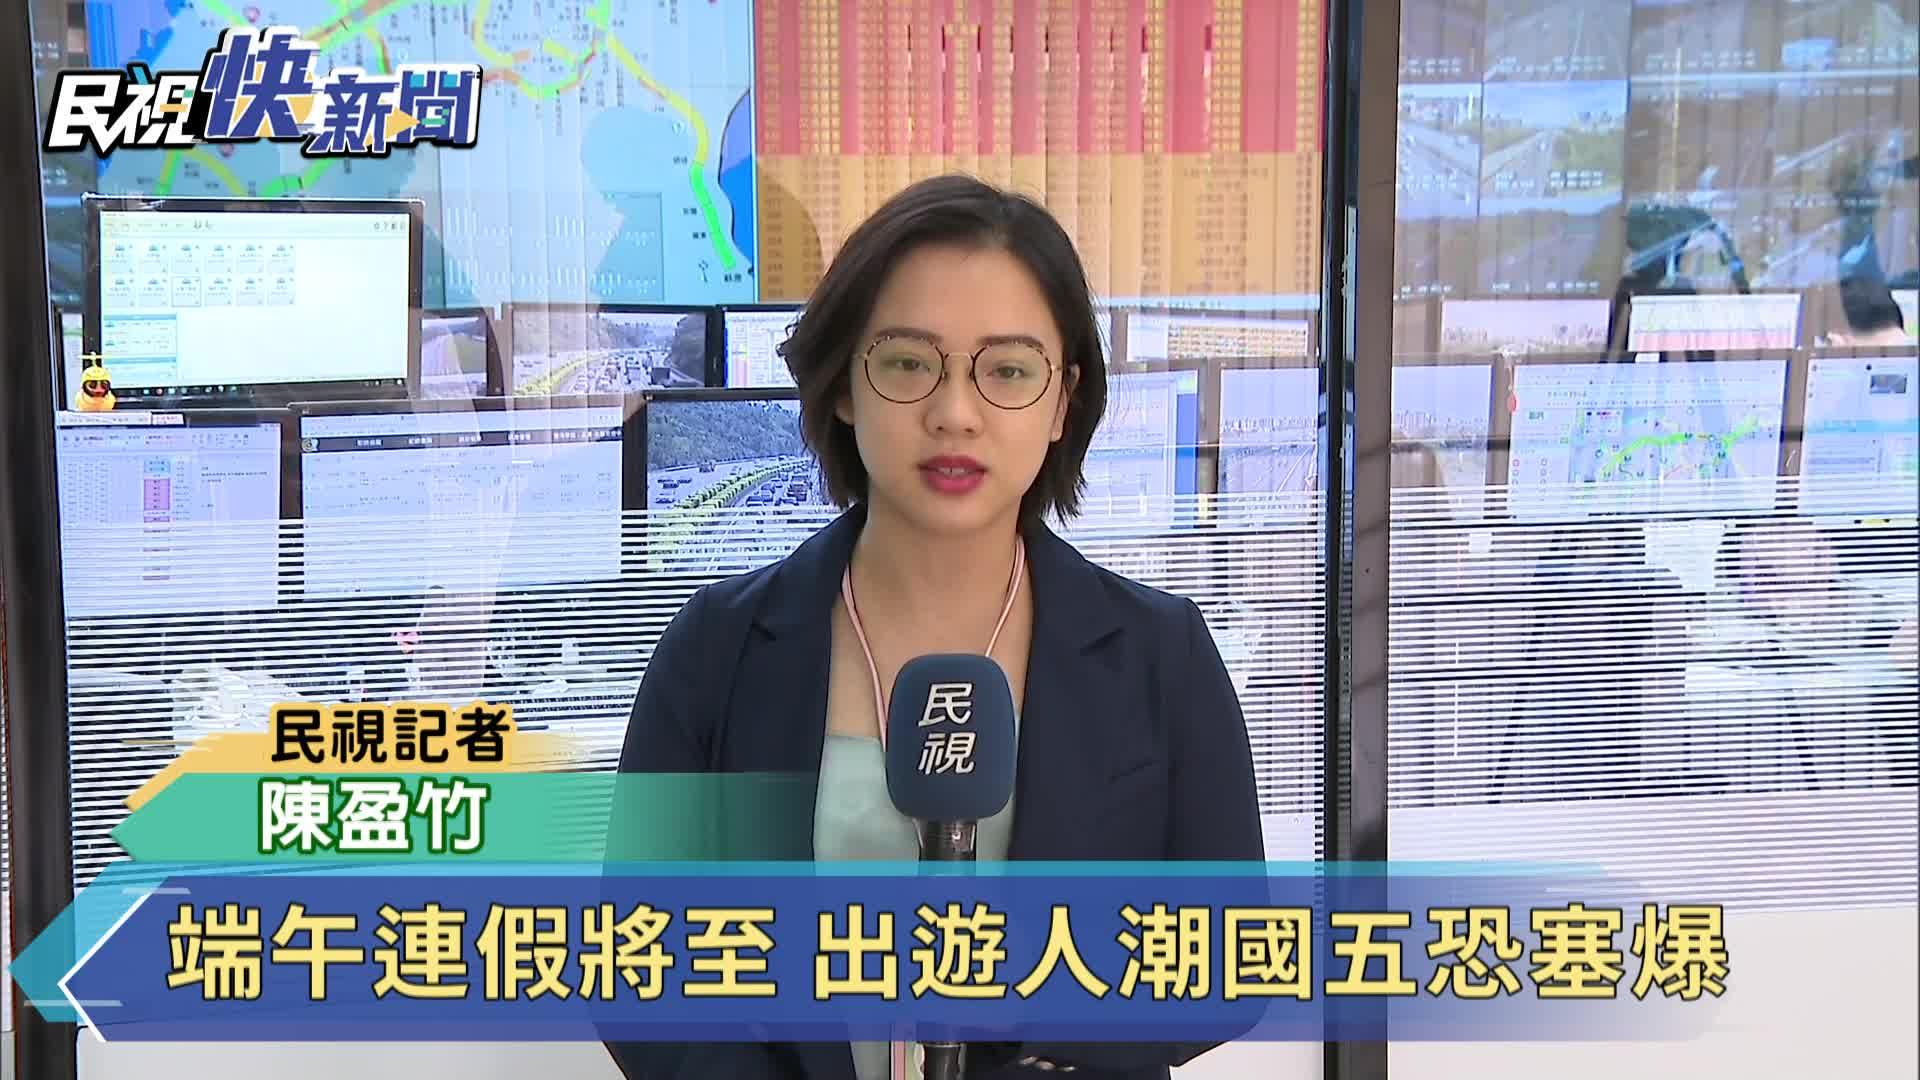 快新聞/端午連假車潮將爆量 預估首日南下車多、國5行車時間增7倍!